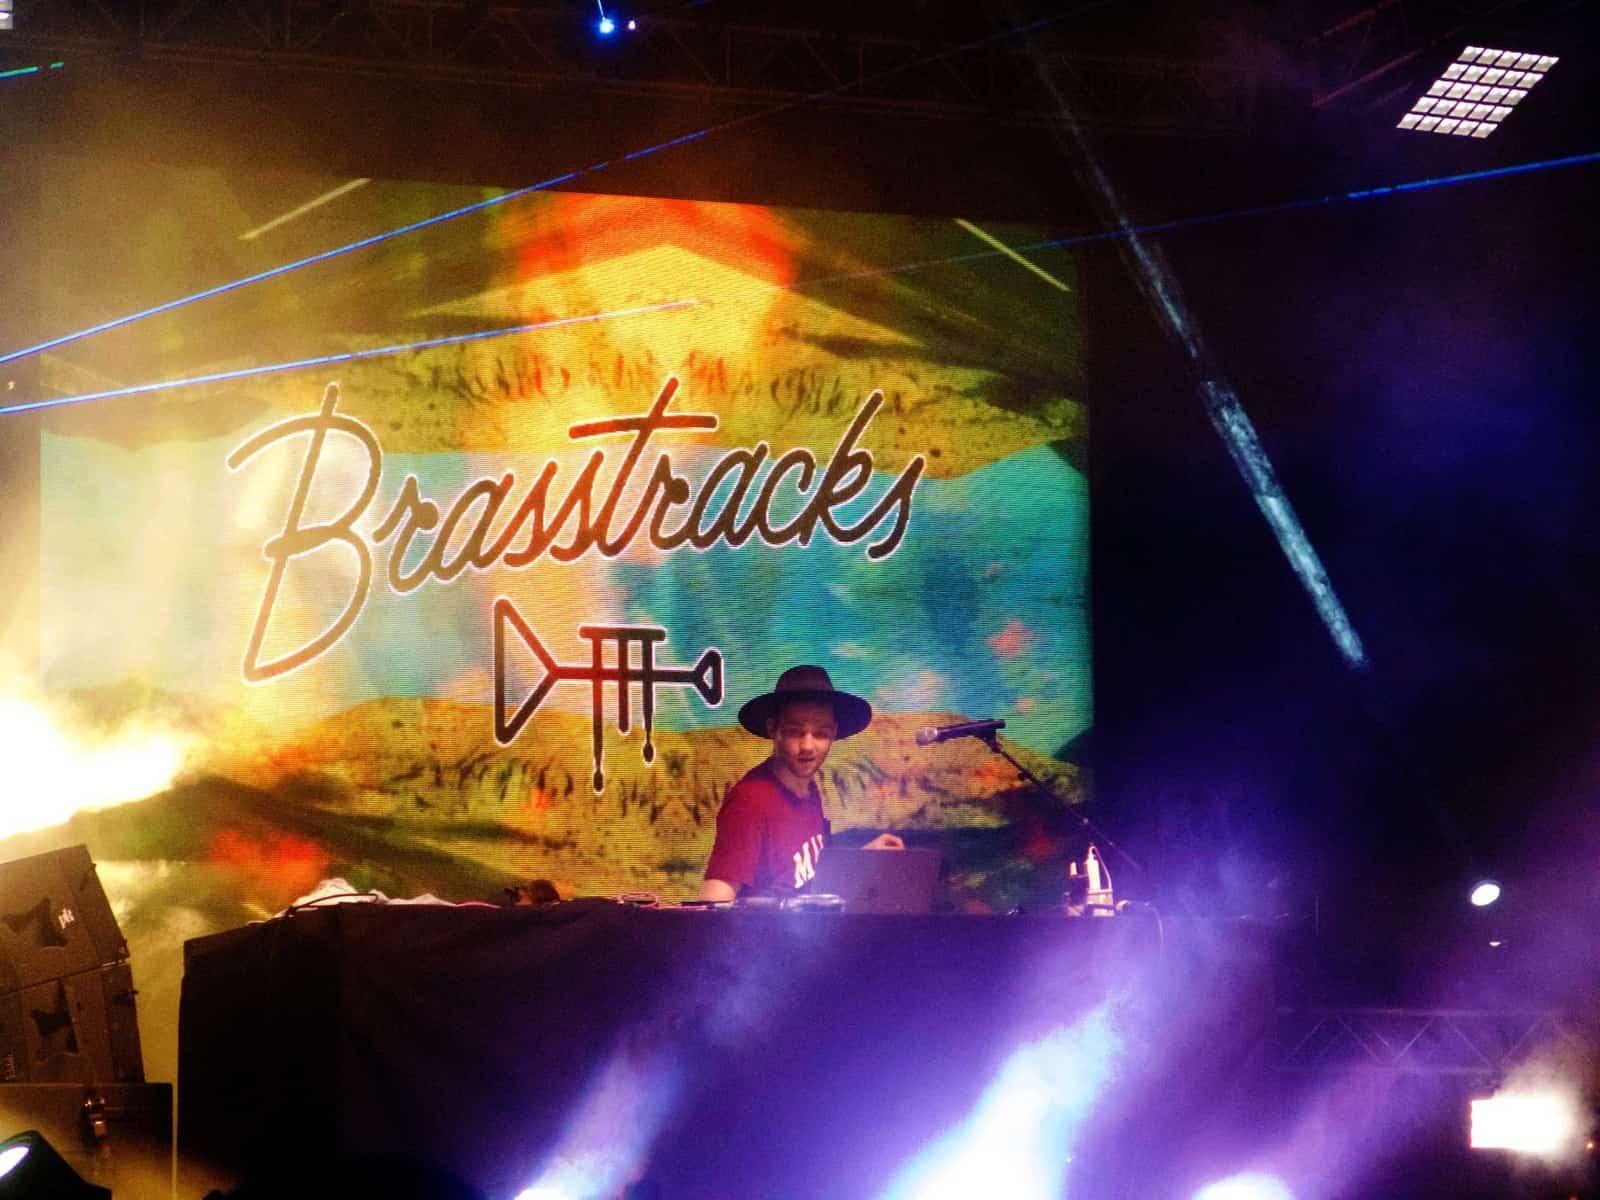 Brasstracks9